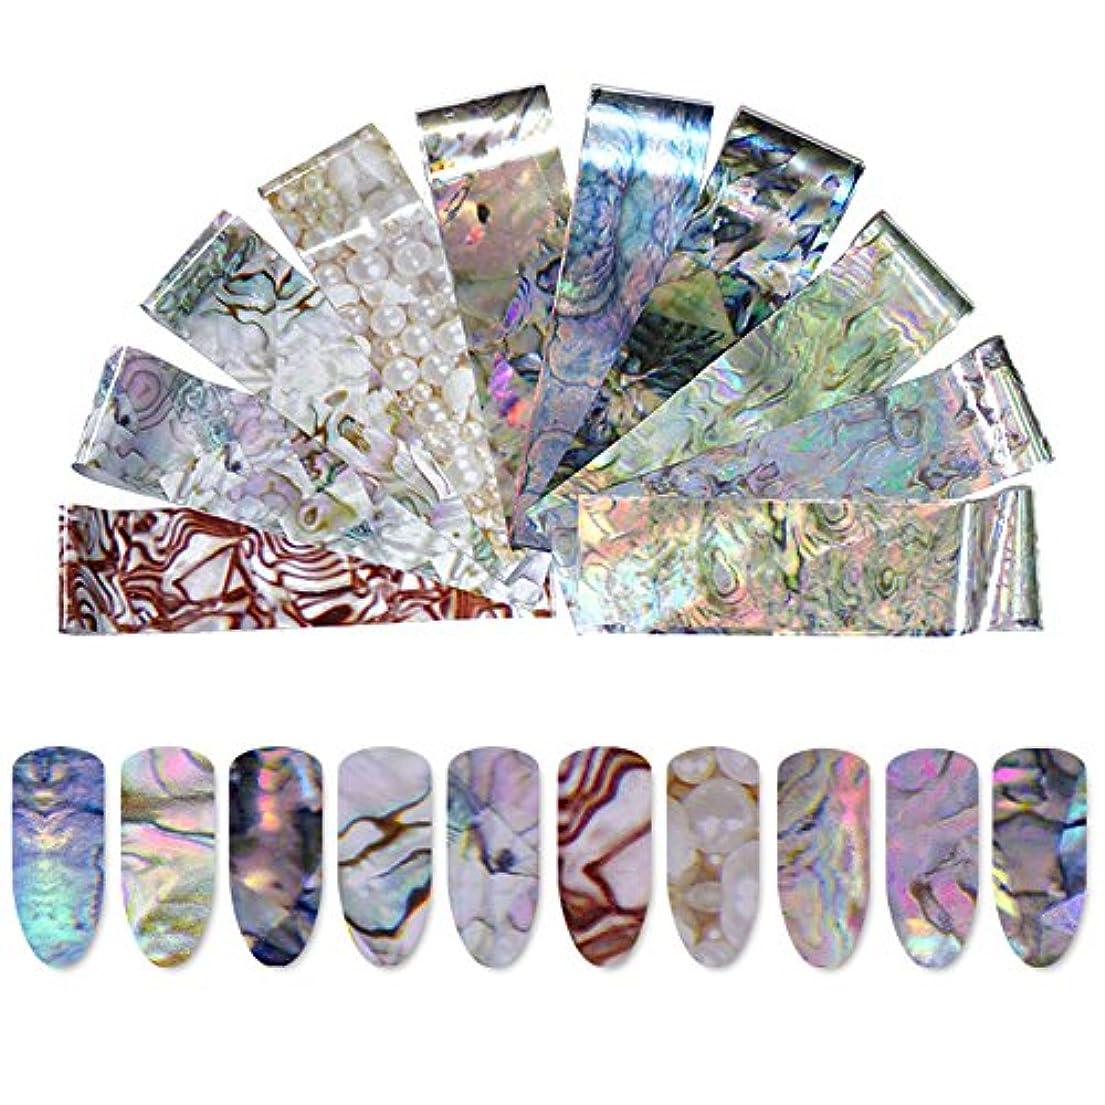 フライトプライム口径UR SUGAR 貝殻柄ネイルホイル 星空ネイル シェル 大理石 オーロラネイル ホログラム 転写ホイル 箔紙 シェルプリント 極薄フィルム 埋め込み 10種類セット [並行輸入品]